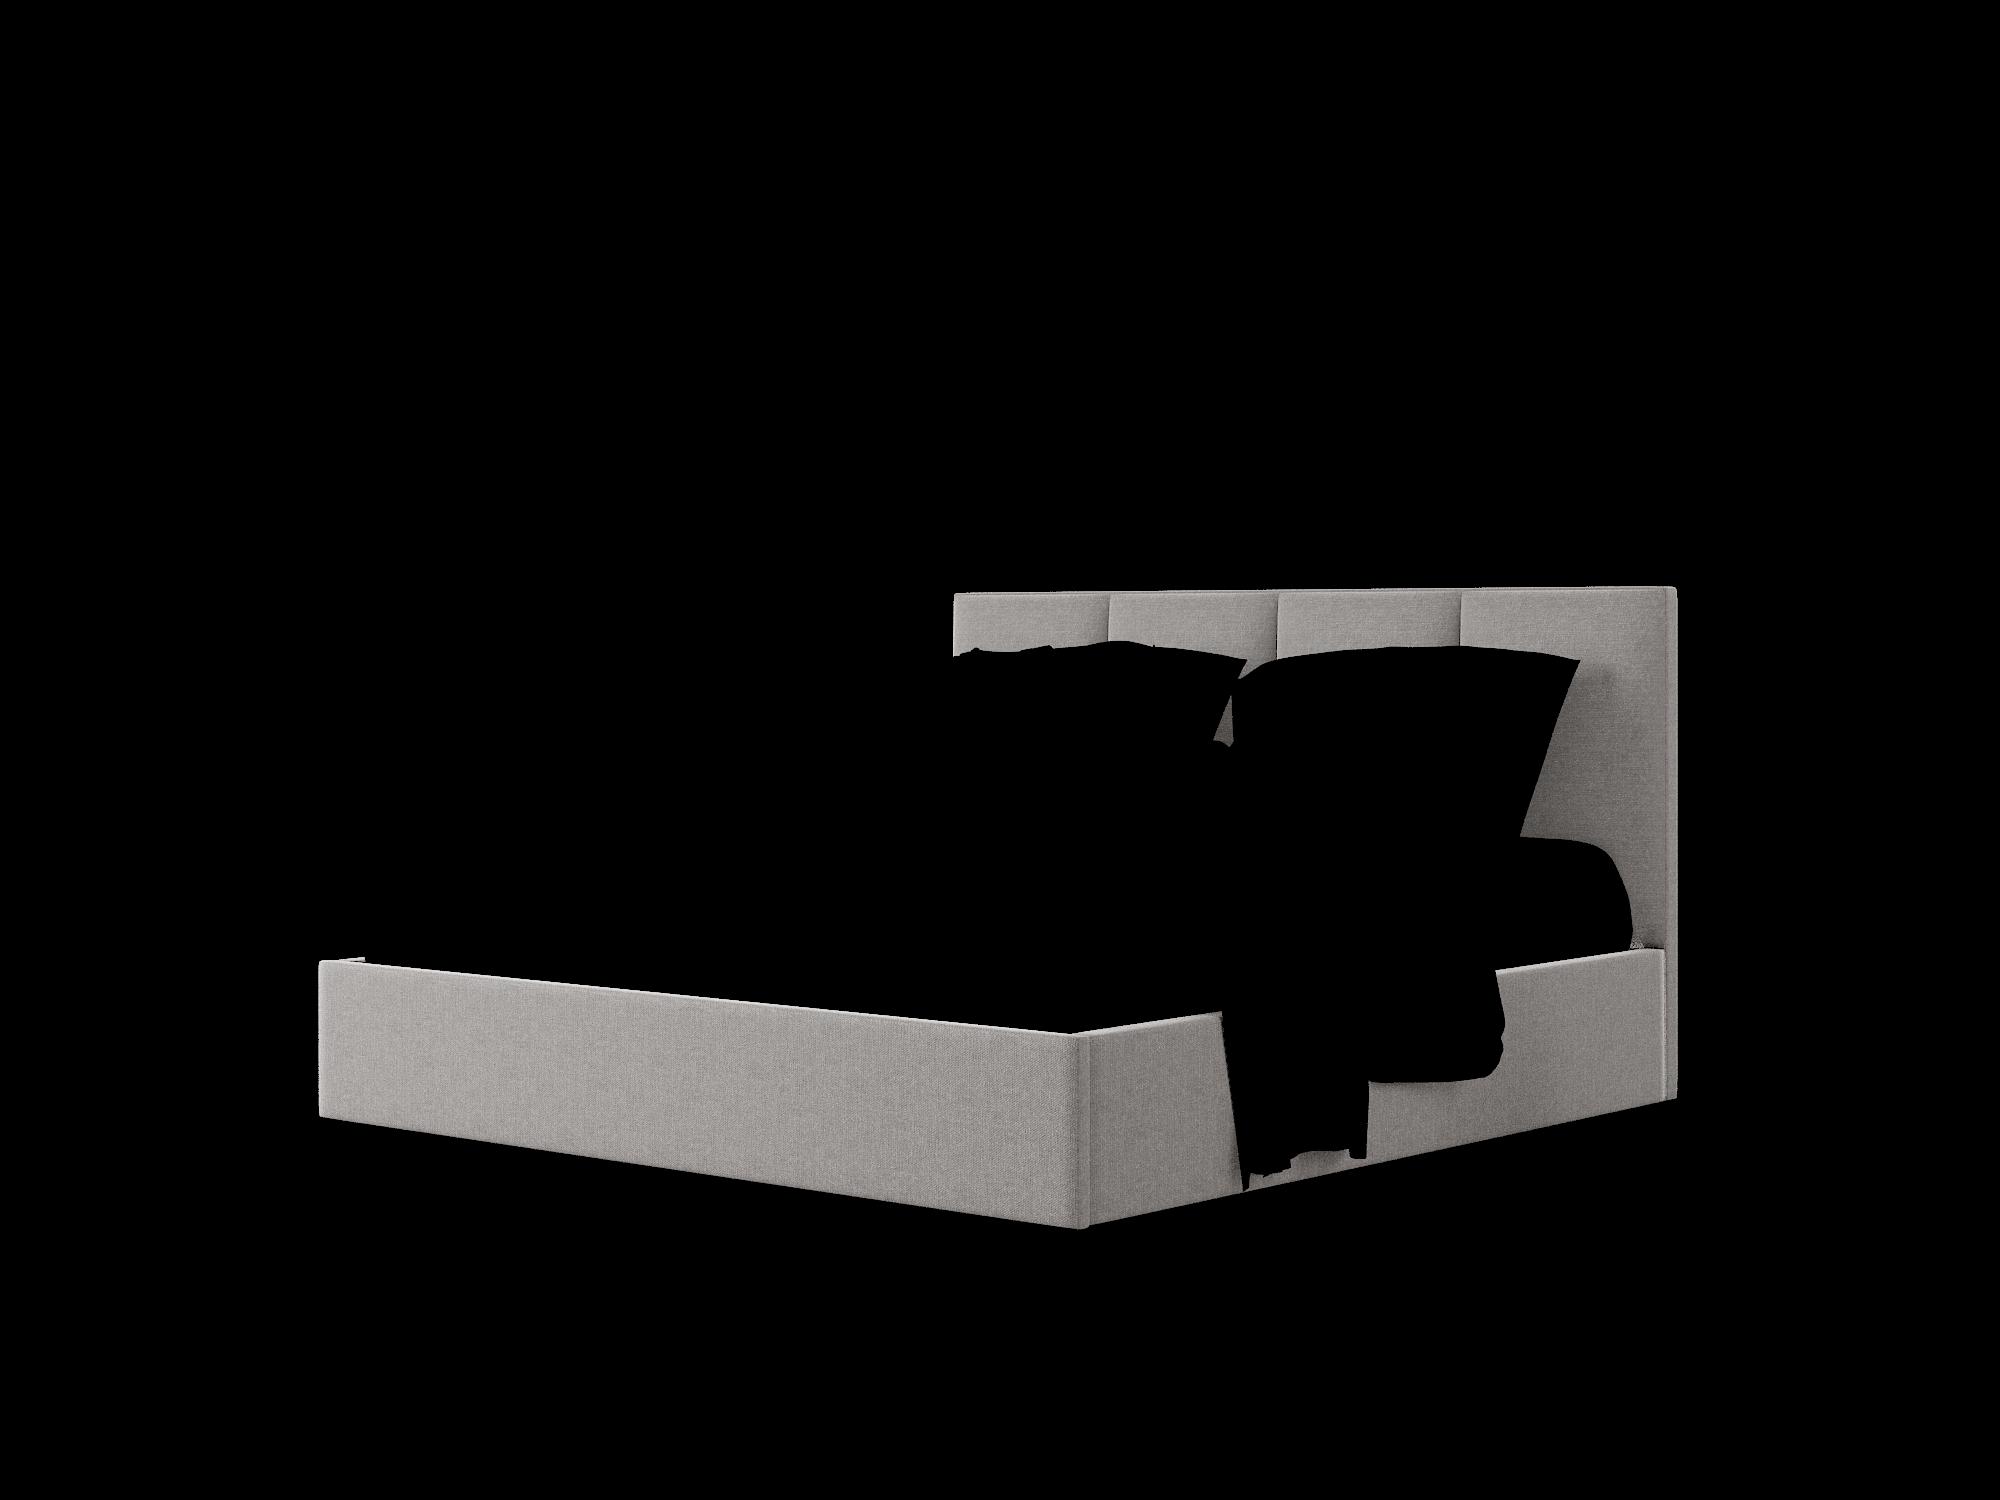 Mia Sasha Grey Bed King Room Texture